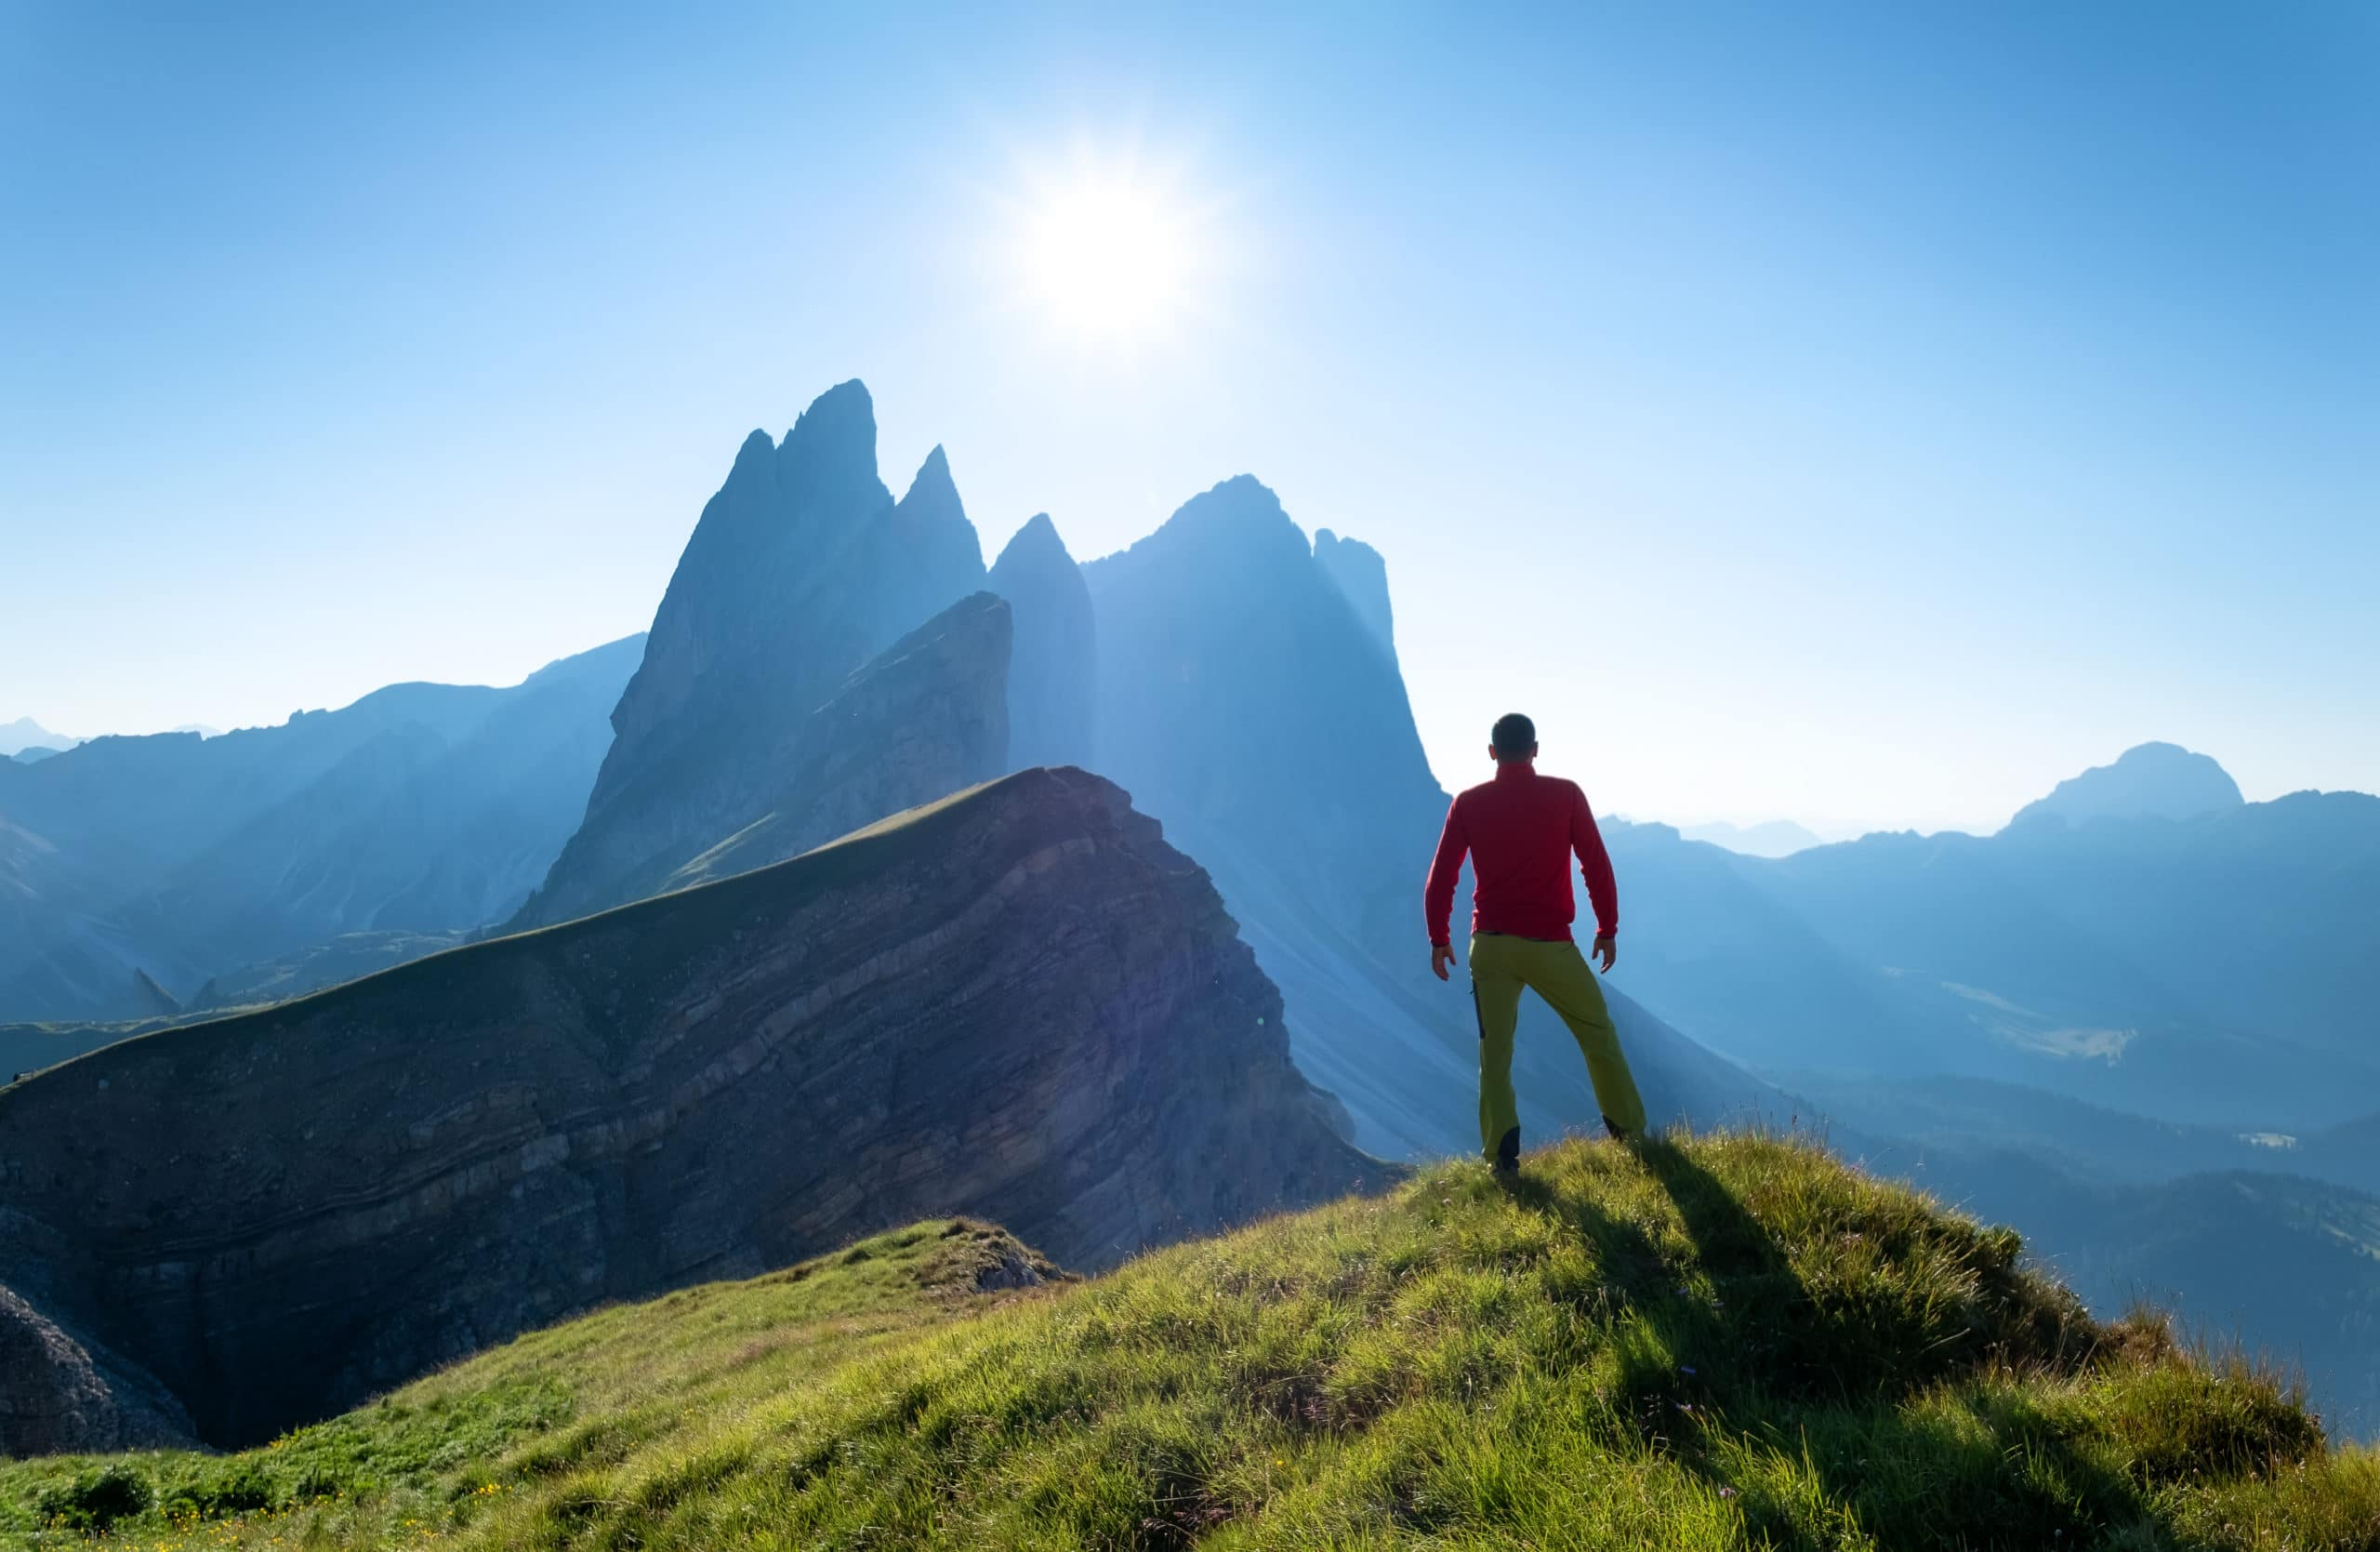 Bergkletterer mit einer atemberaubenden Berglandschaft im Hintergrund